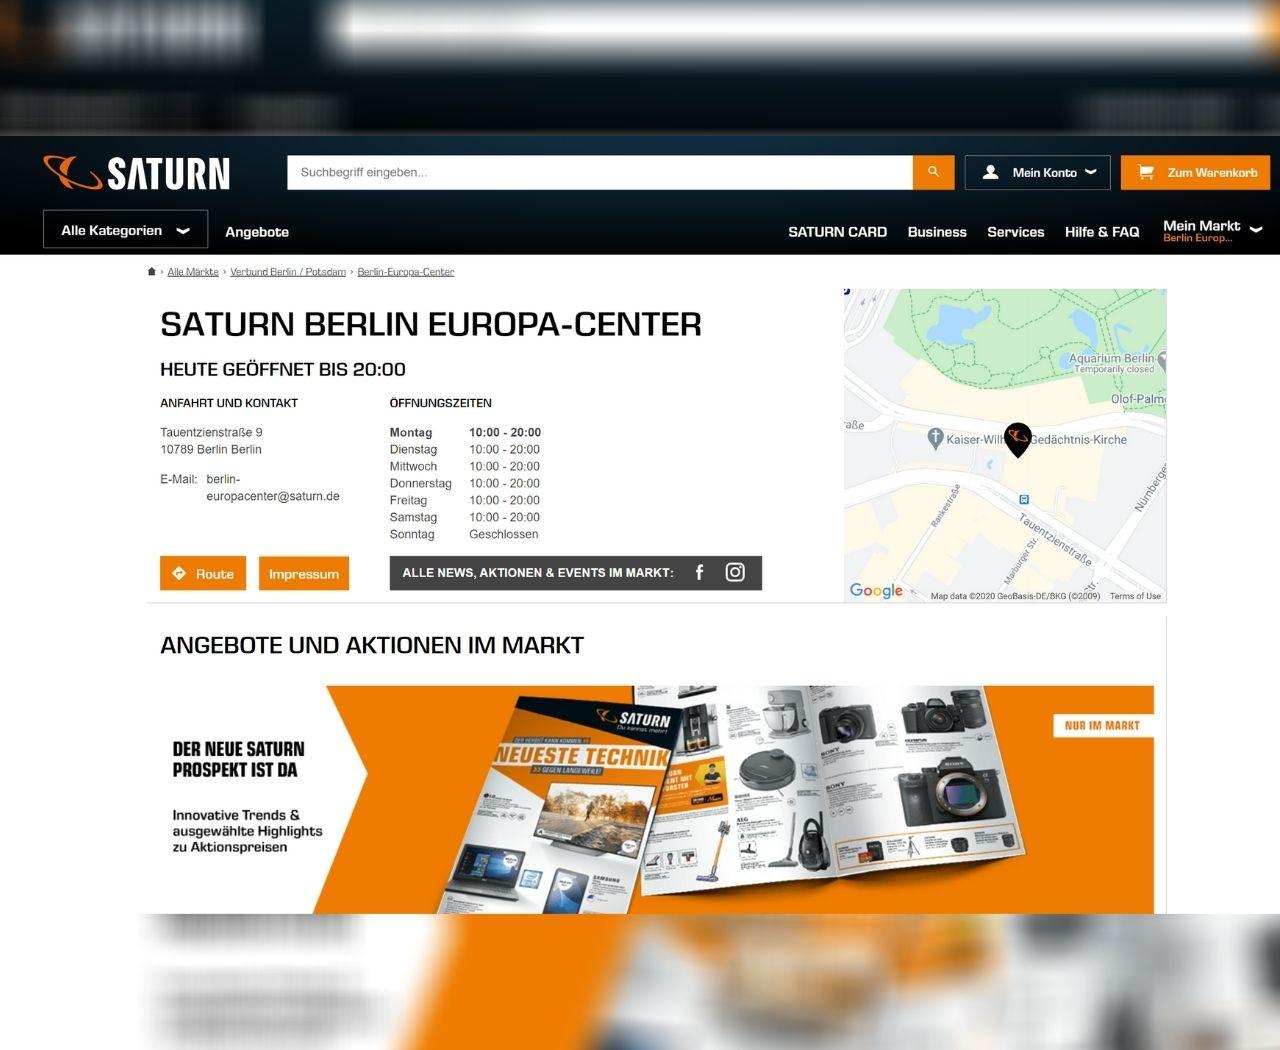 Saturn zeigt Öffnungszeiten, Adresse inkl. Wegbeschreibung.